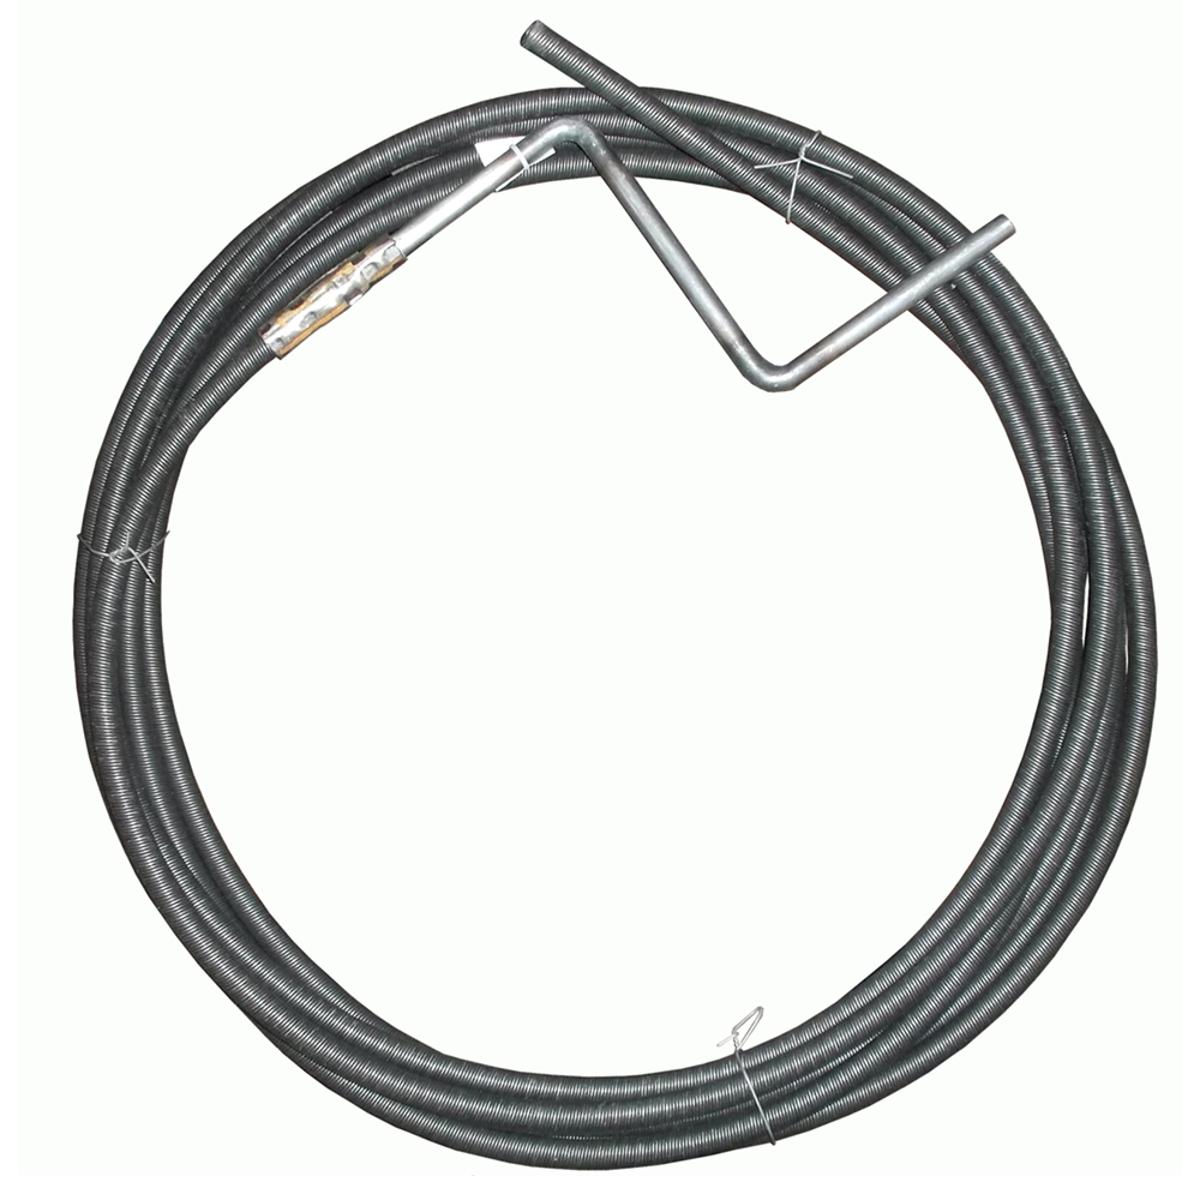 Трос пружинный МастерПроф, для прочистки канализационных труб, 9 мм х 10 мИС.130039Пружинный трос МастерПроф предназначен для прочистки канализационных труб. Диаметр: 9 мм. Длина 10 метров.